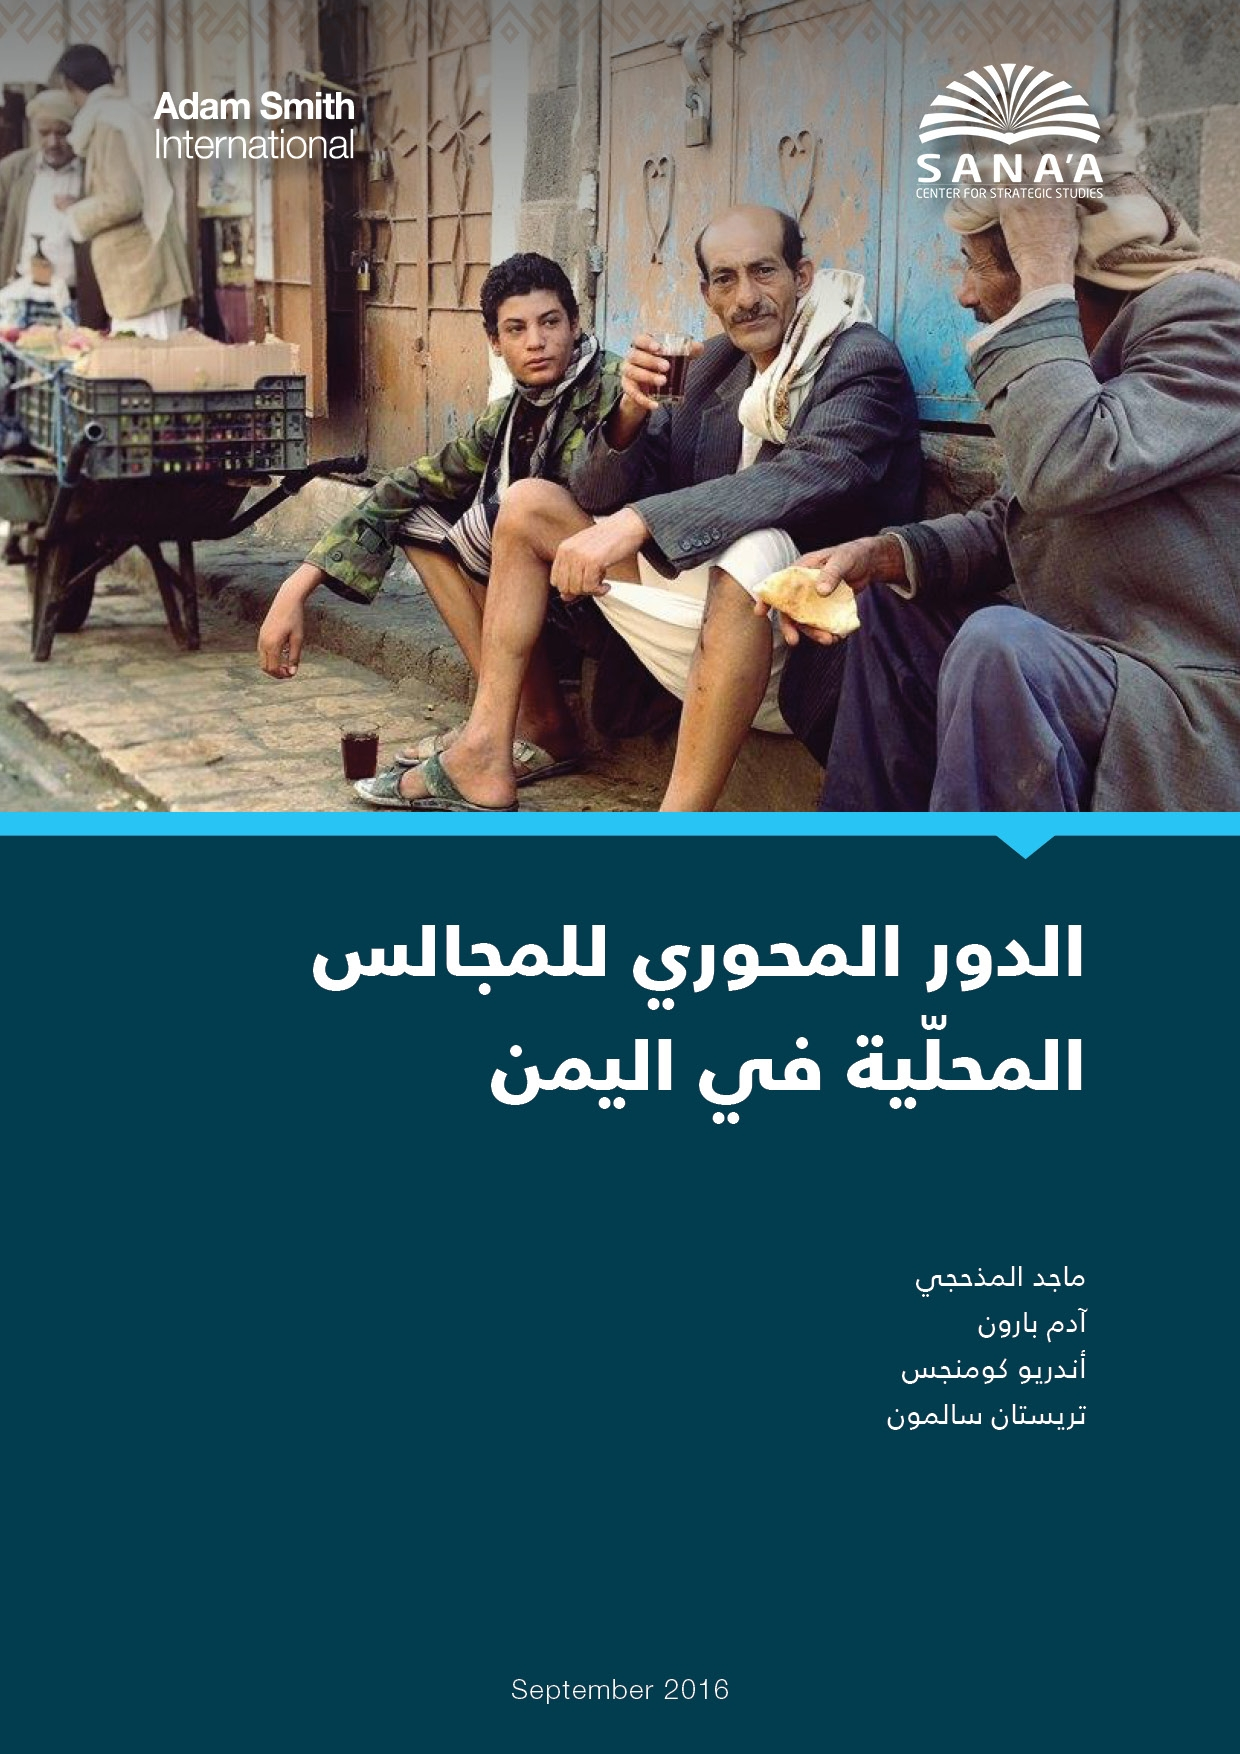 الدور المحوري للمجالس المحلّية في اليمن